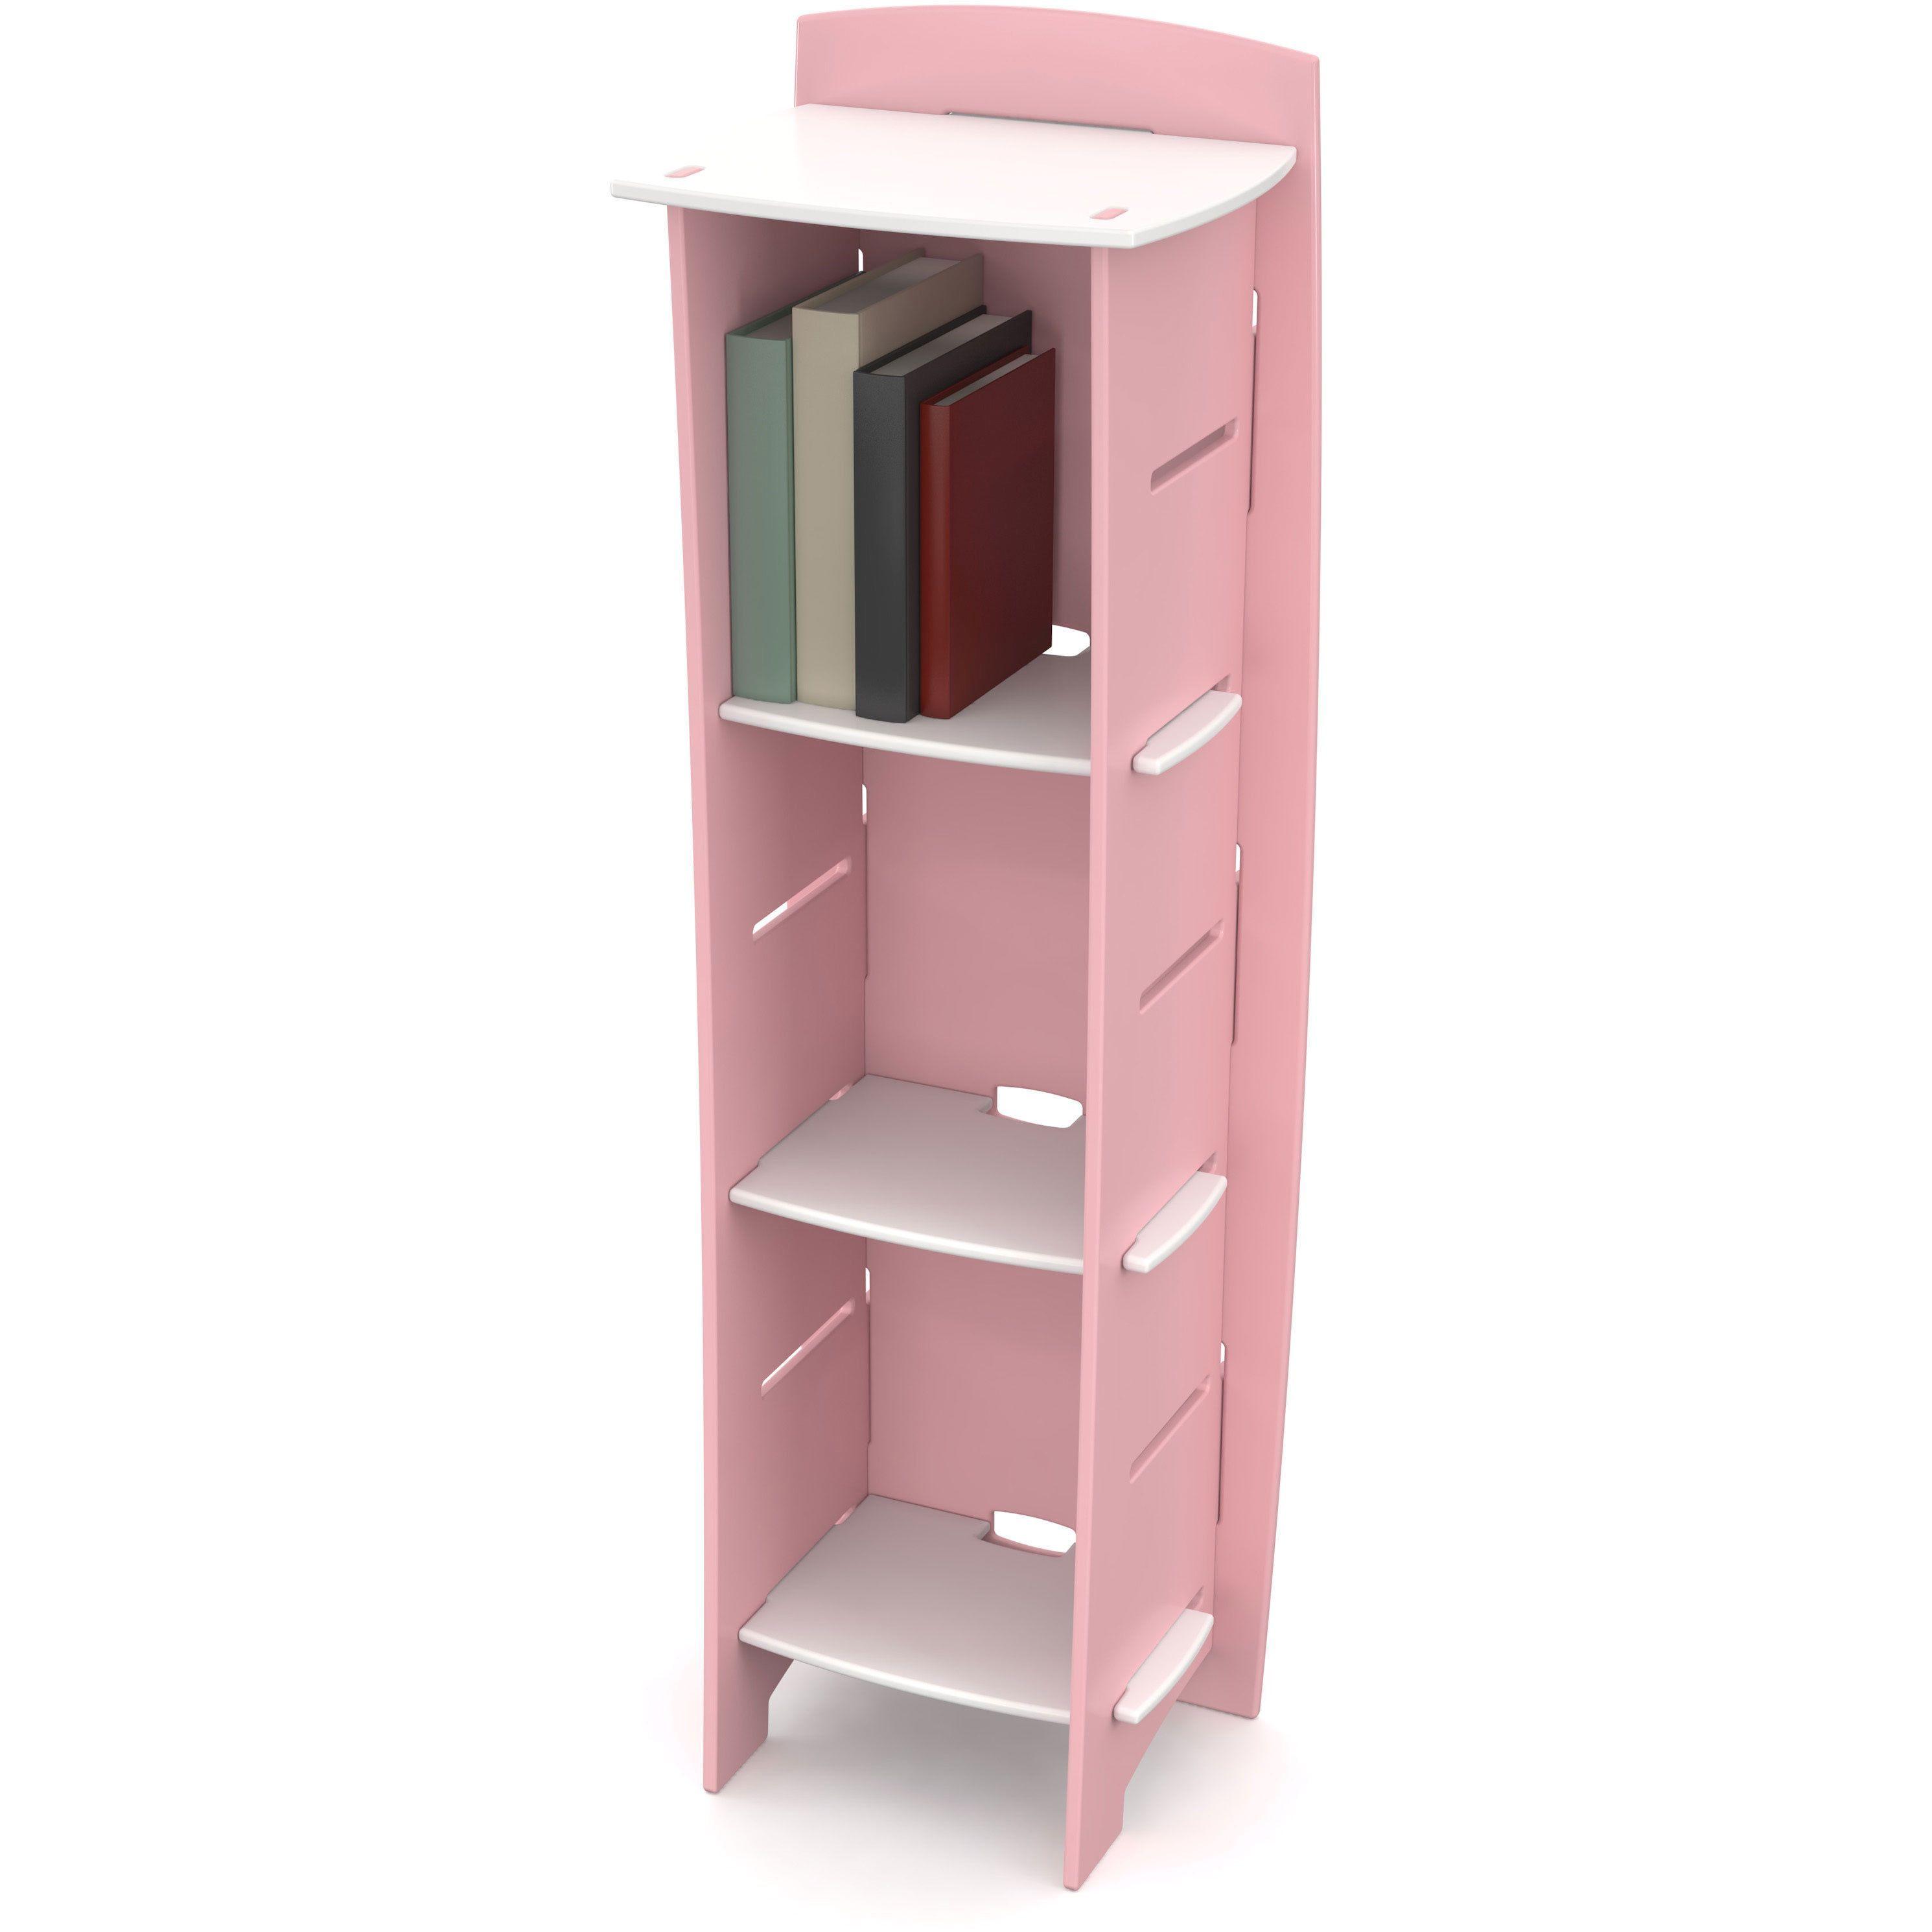 legare kids furniture 3 shelf bookcase white kids furniture